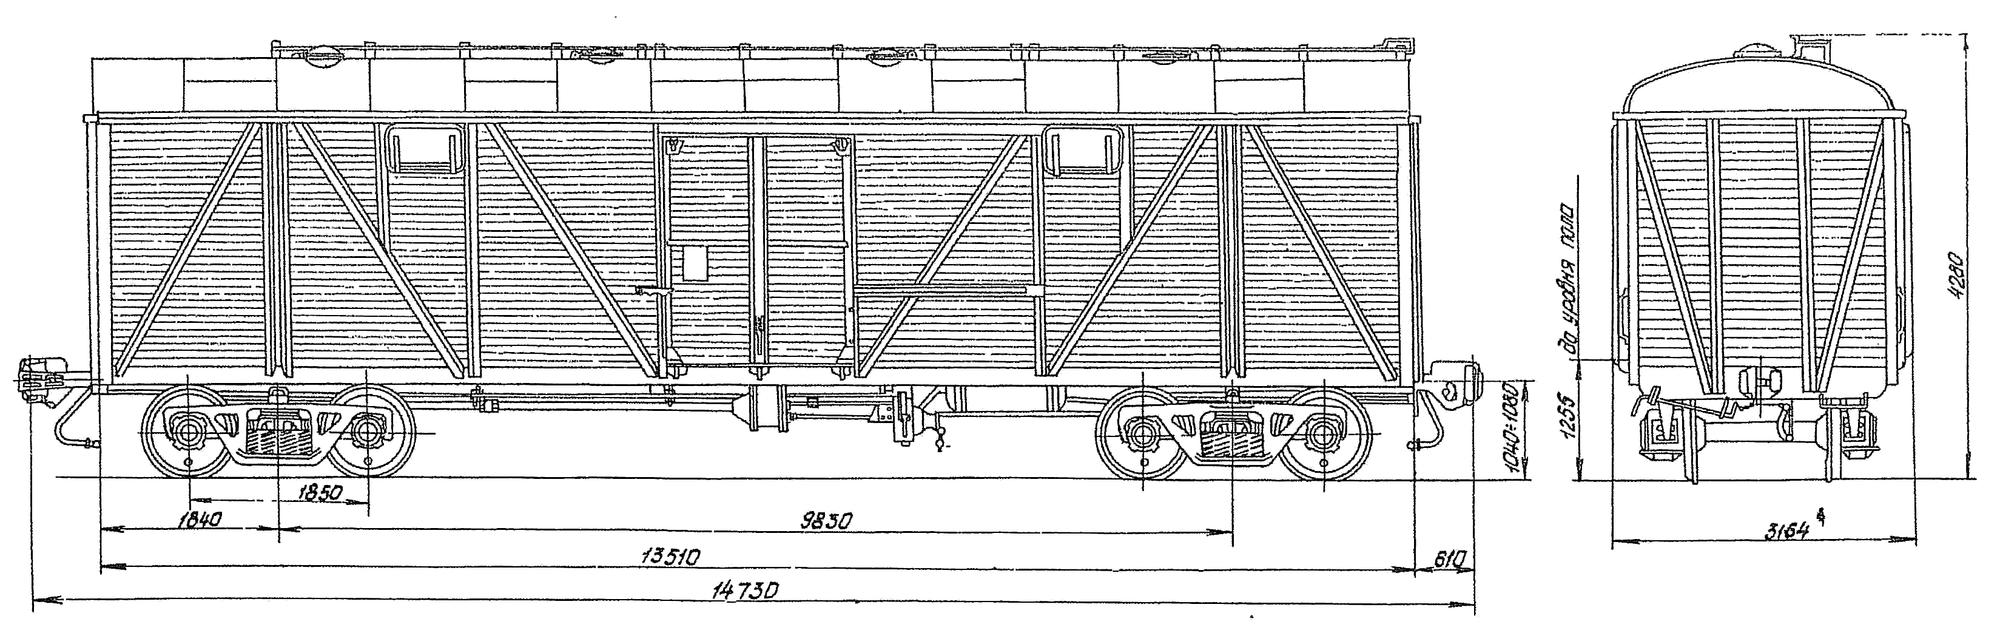 4-осный крытый вагон, объем 106 м3